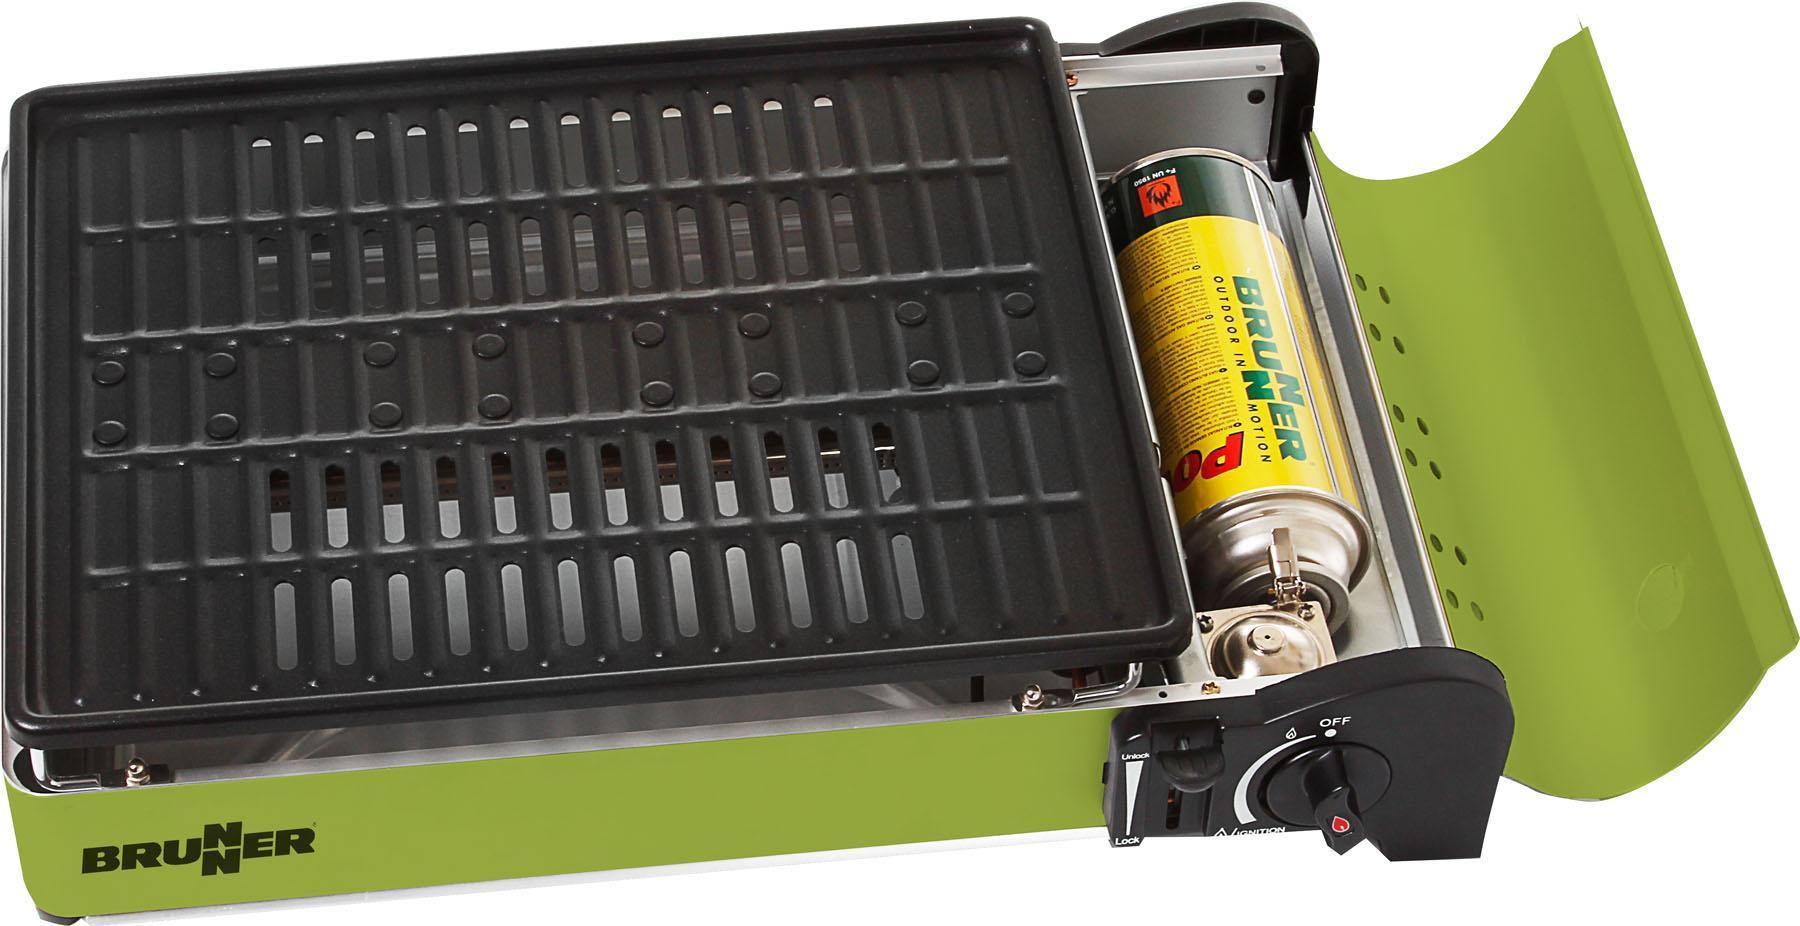 Tisch Für Gasgrill : Weber grill tisch selber bauen gasgrill q mit brenner